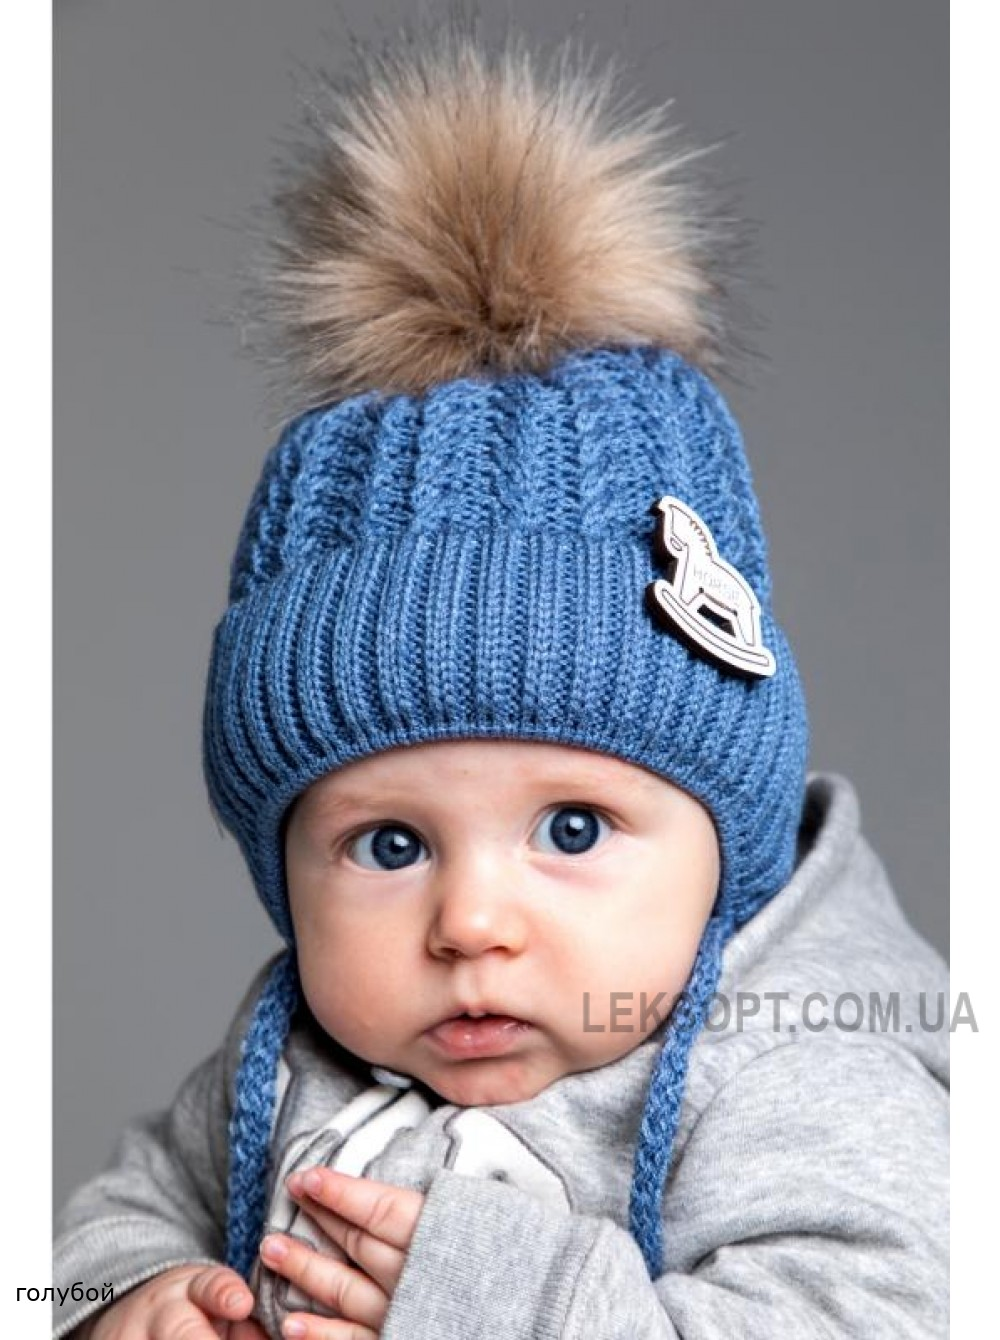 Детская вязаная шапка Конек D79732-40-44